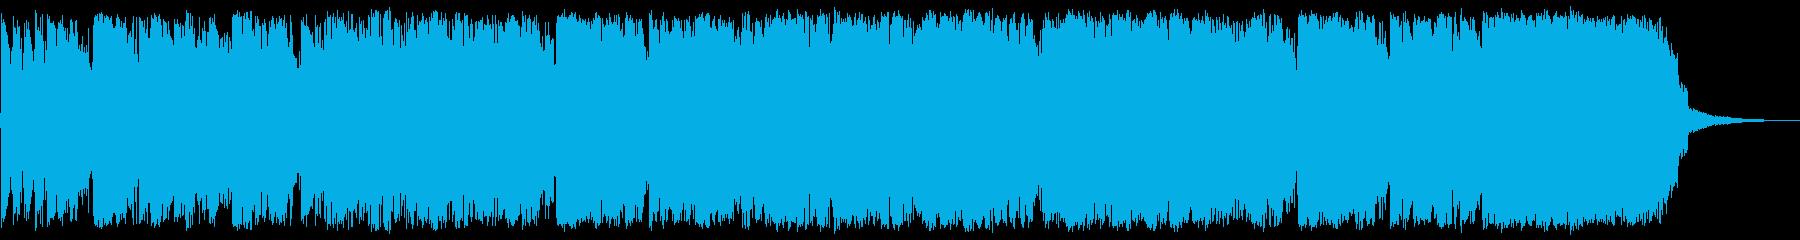 コーナータイトル_東京Jロック30秒の再生済みの波形